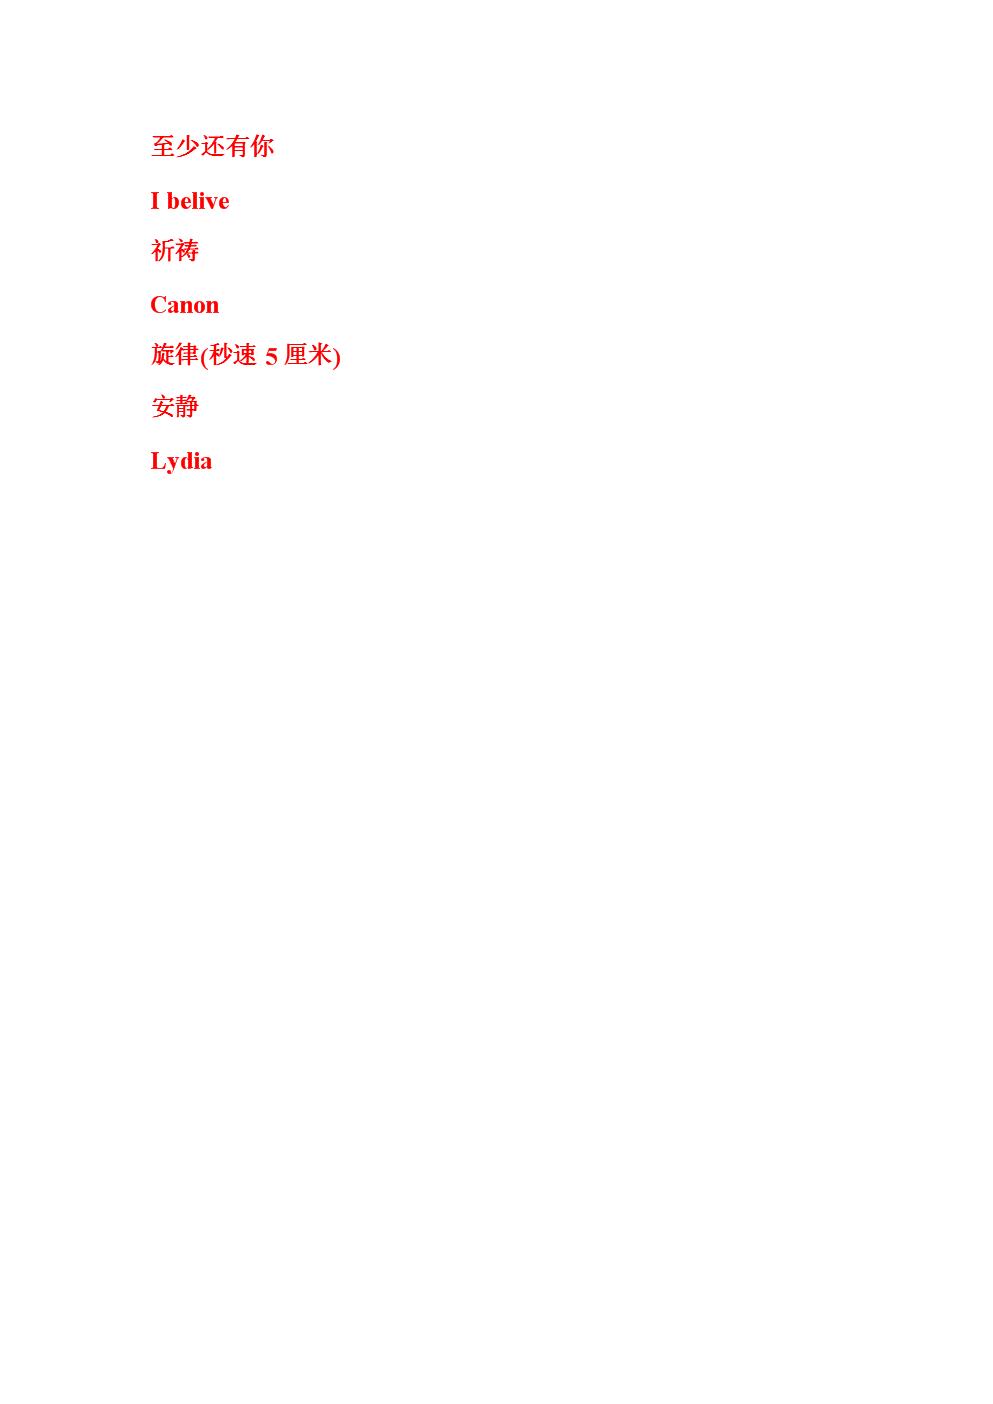 小提琴流行歌谱.doc